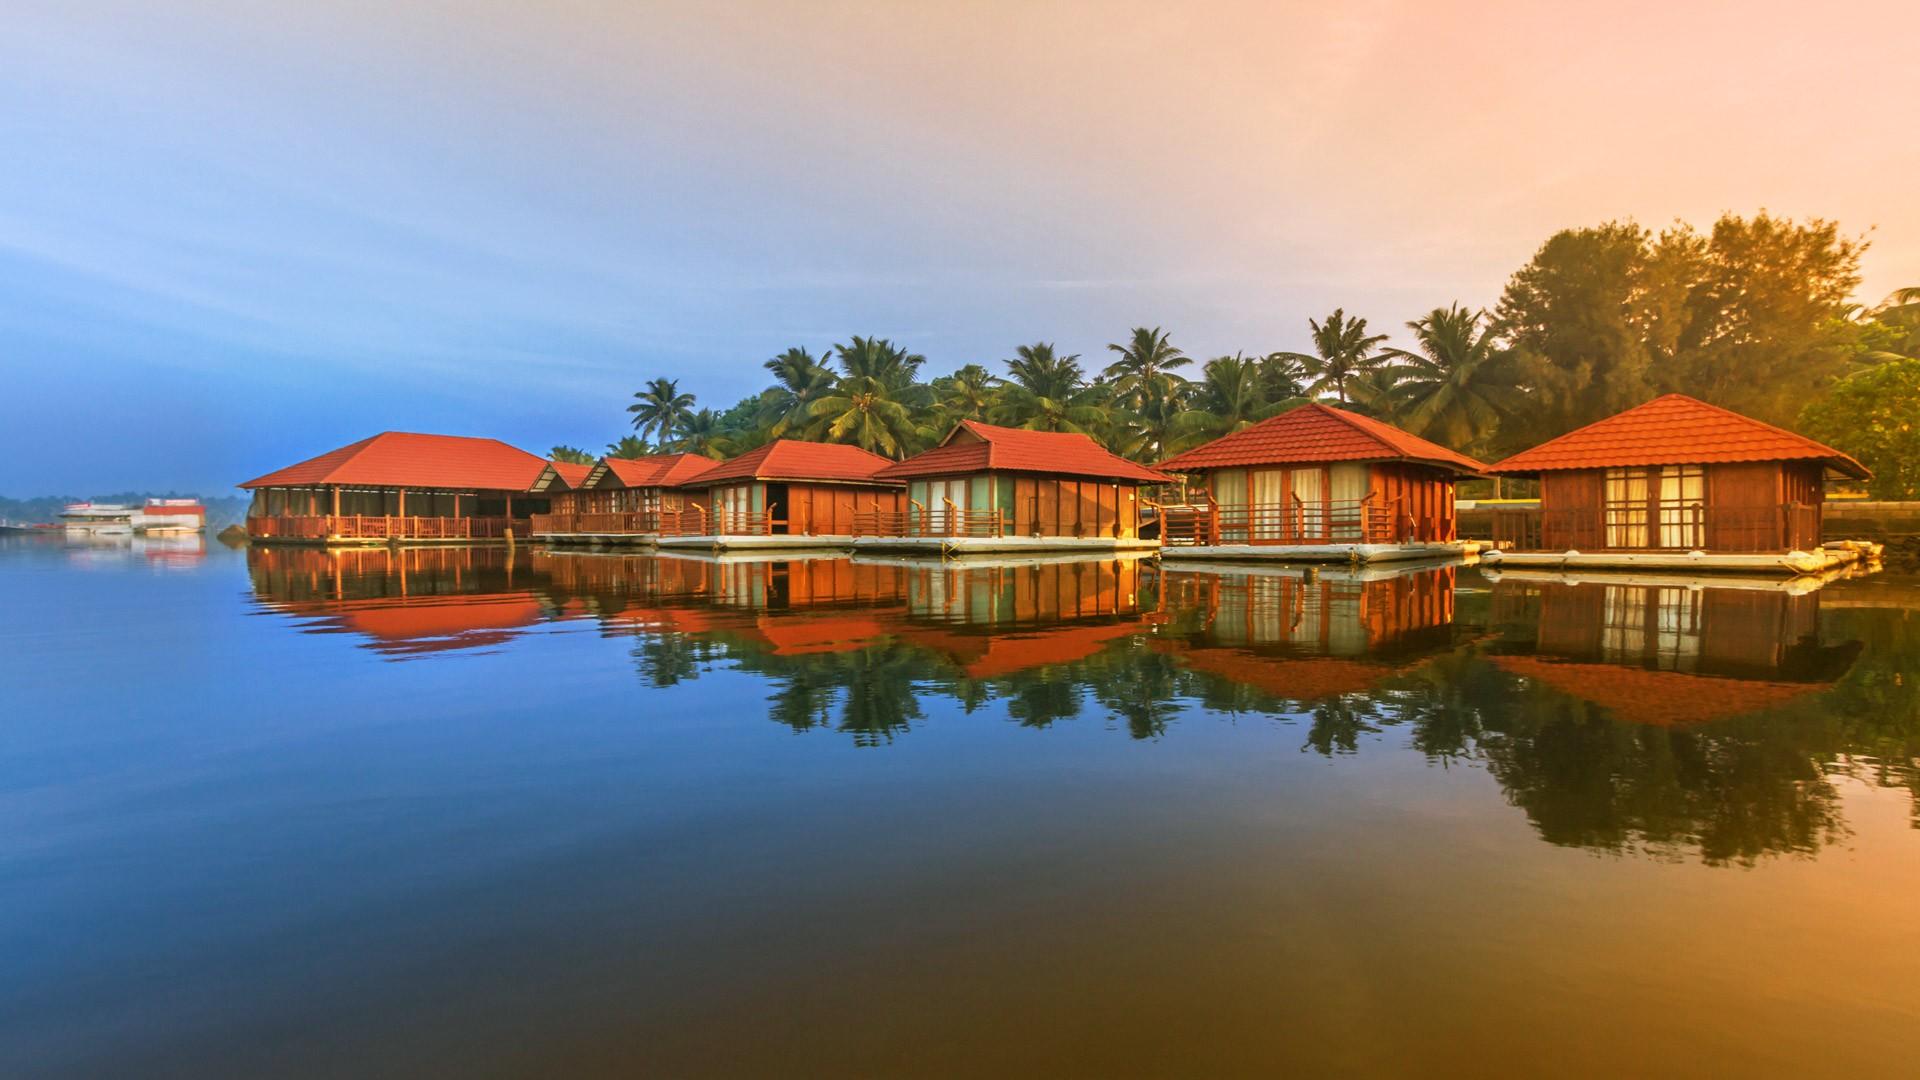 Floating Cottages in Poovar Island Resort